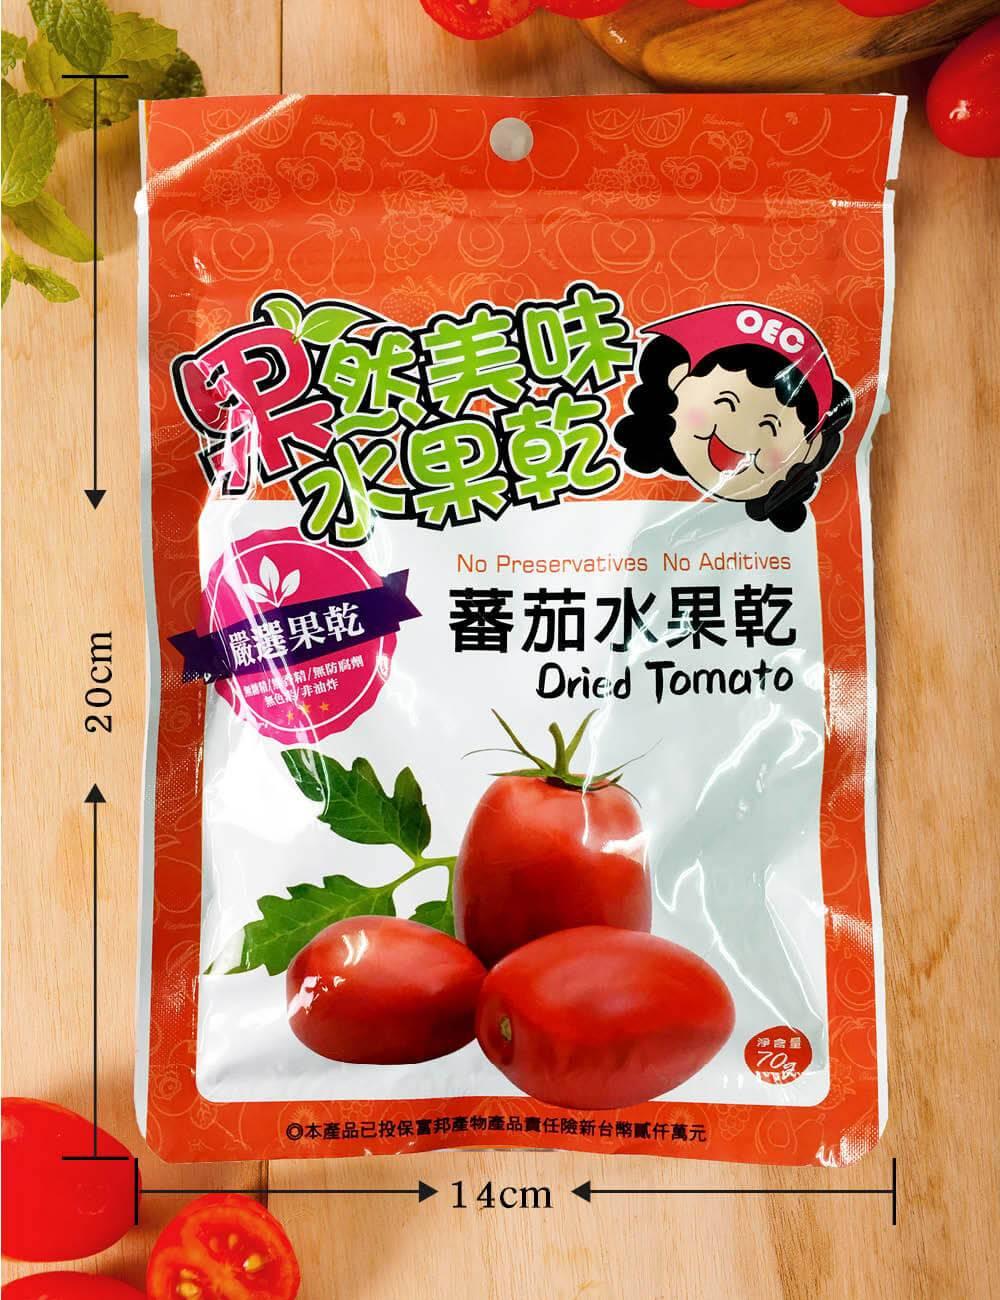 果然美味 蕃茄水果乾 出貨包裝圖